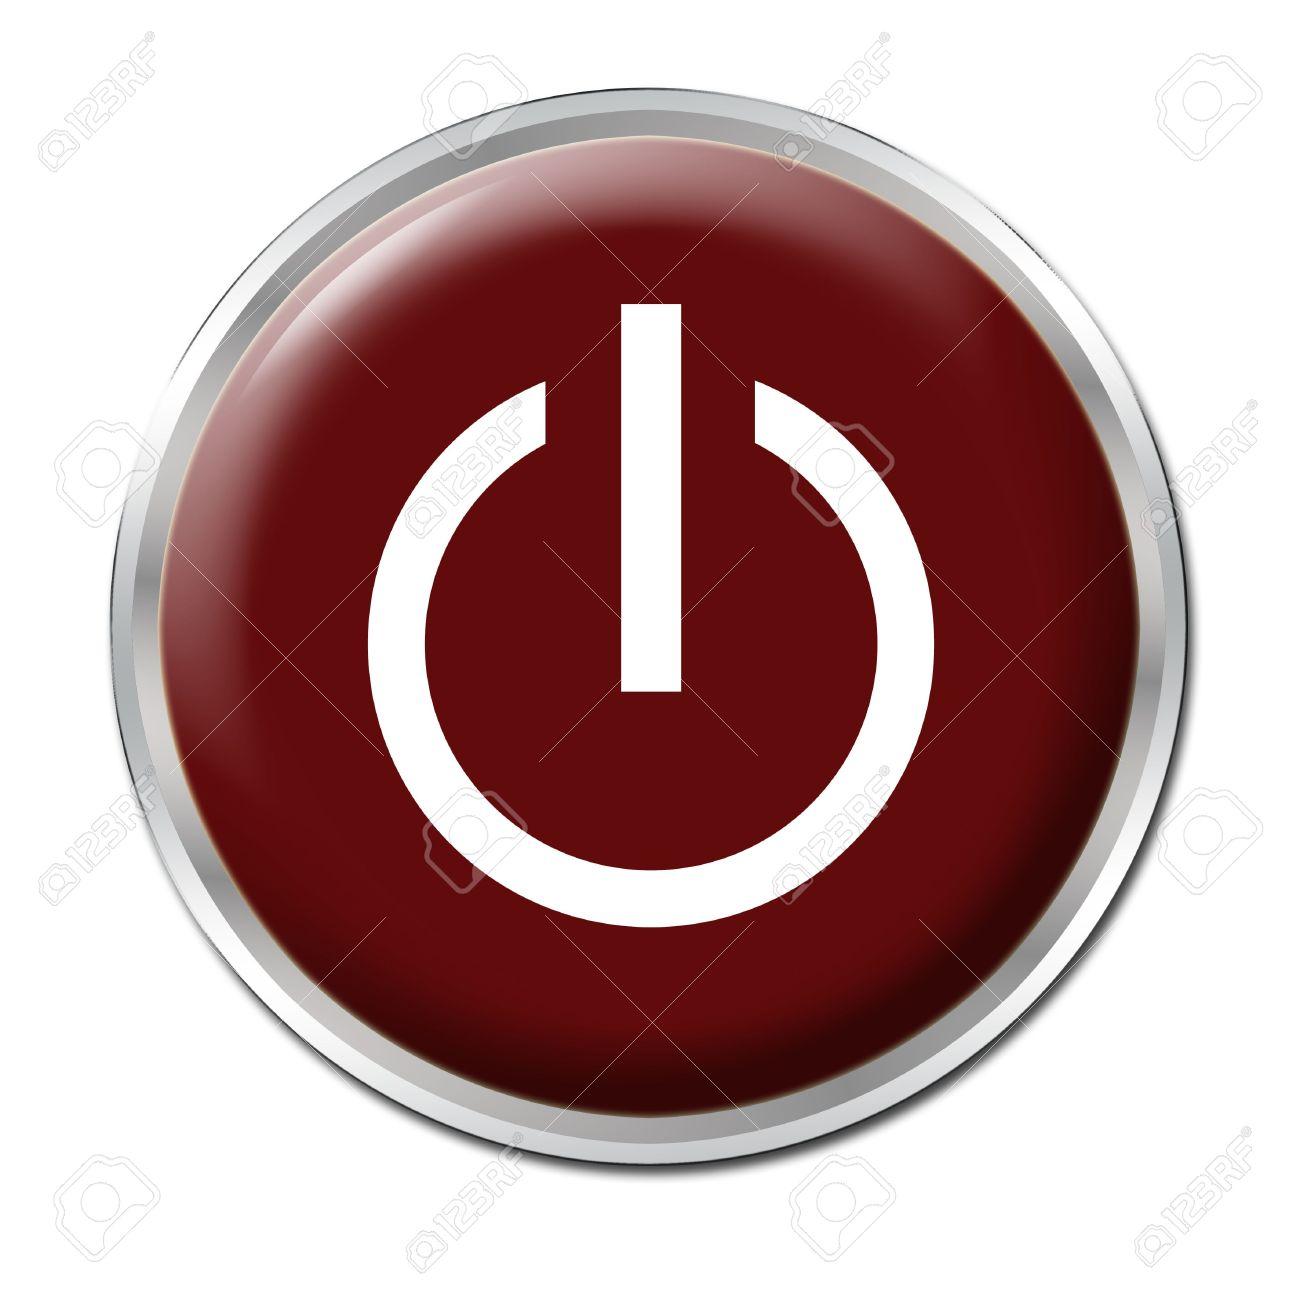 Botón rojo con el símbolo de encendido / apagado Foto de archivo - 3400717